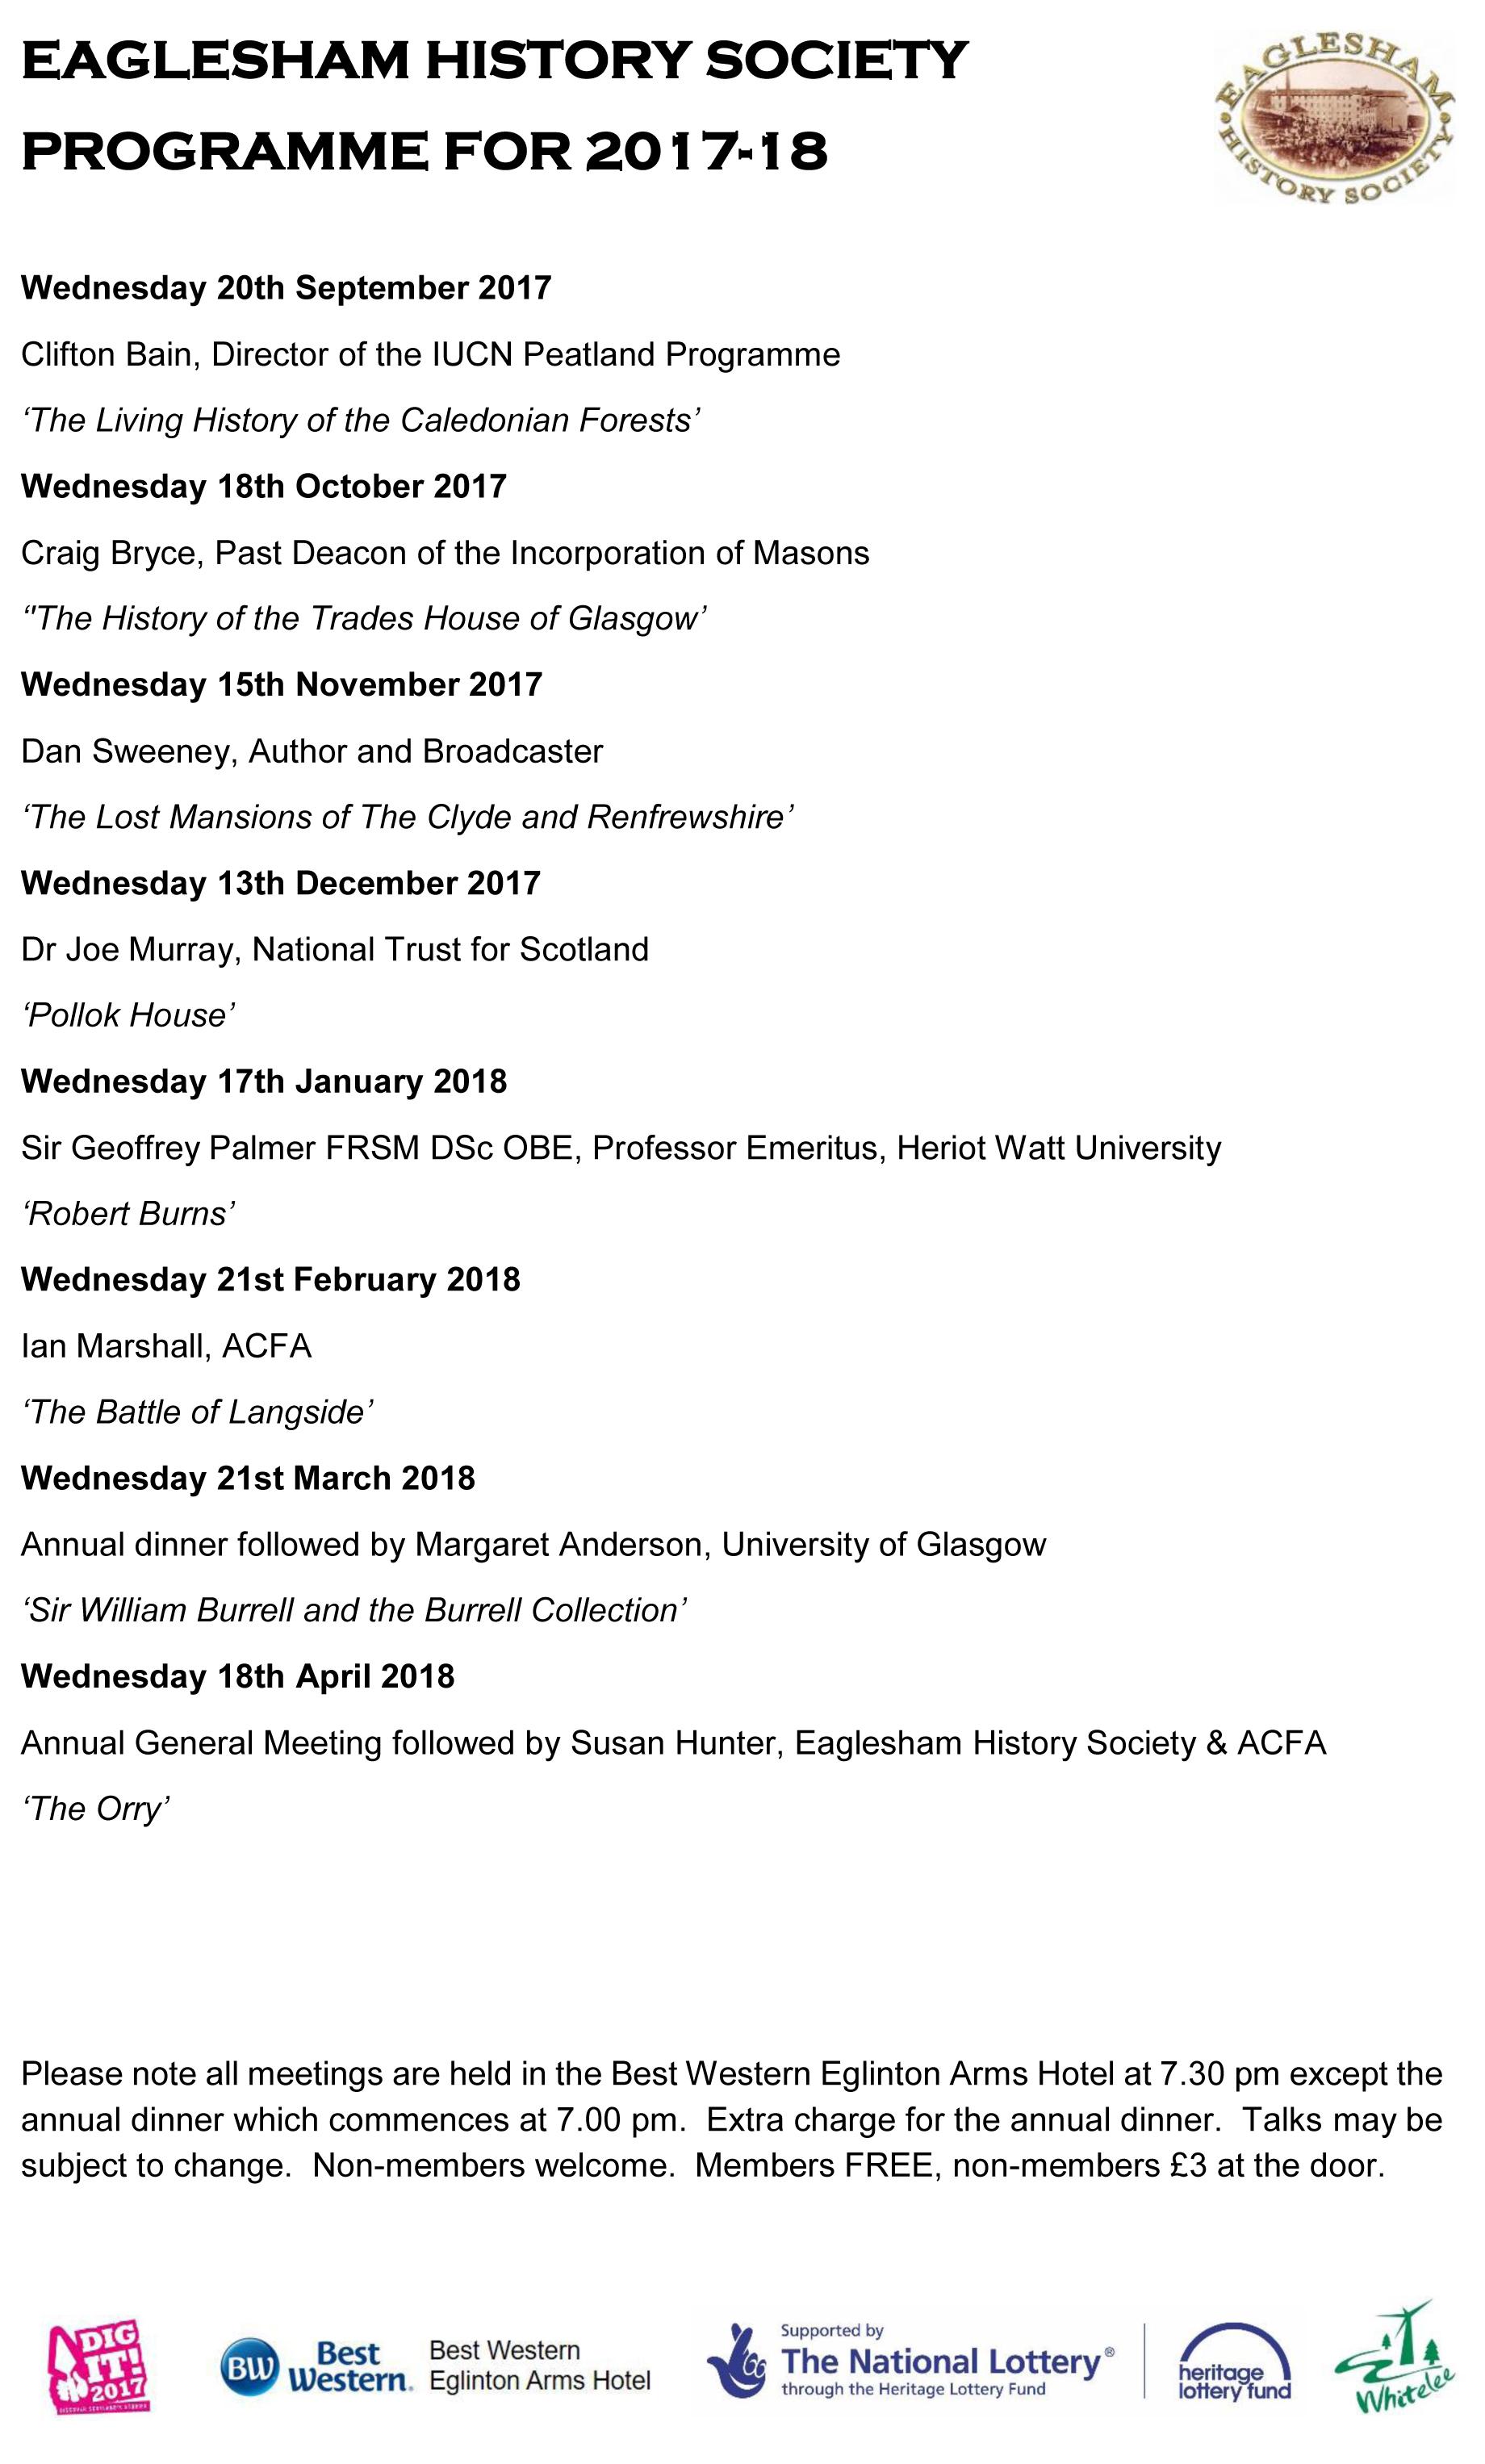 EHS Programme 2017-18